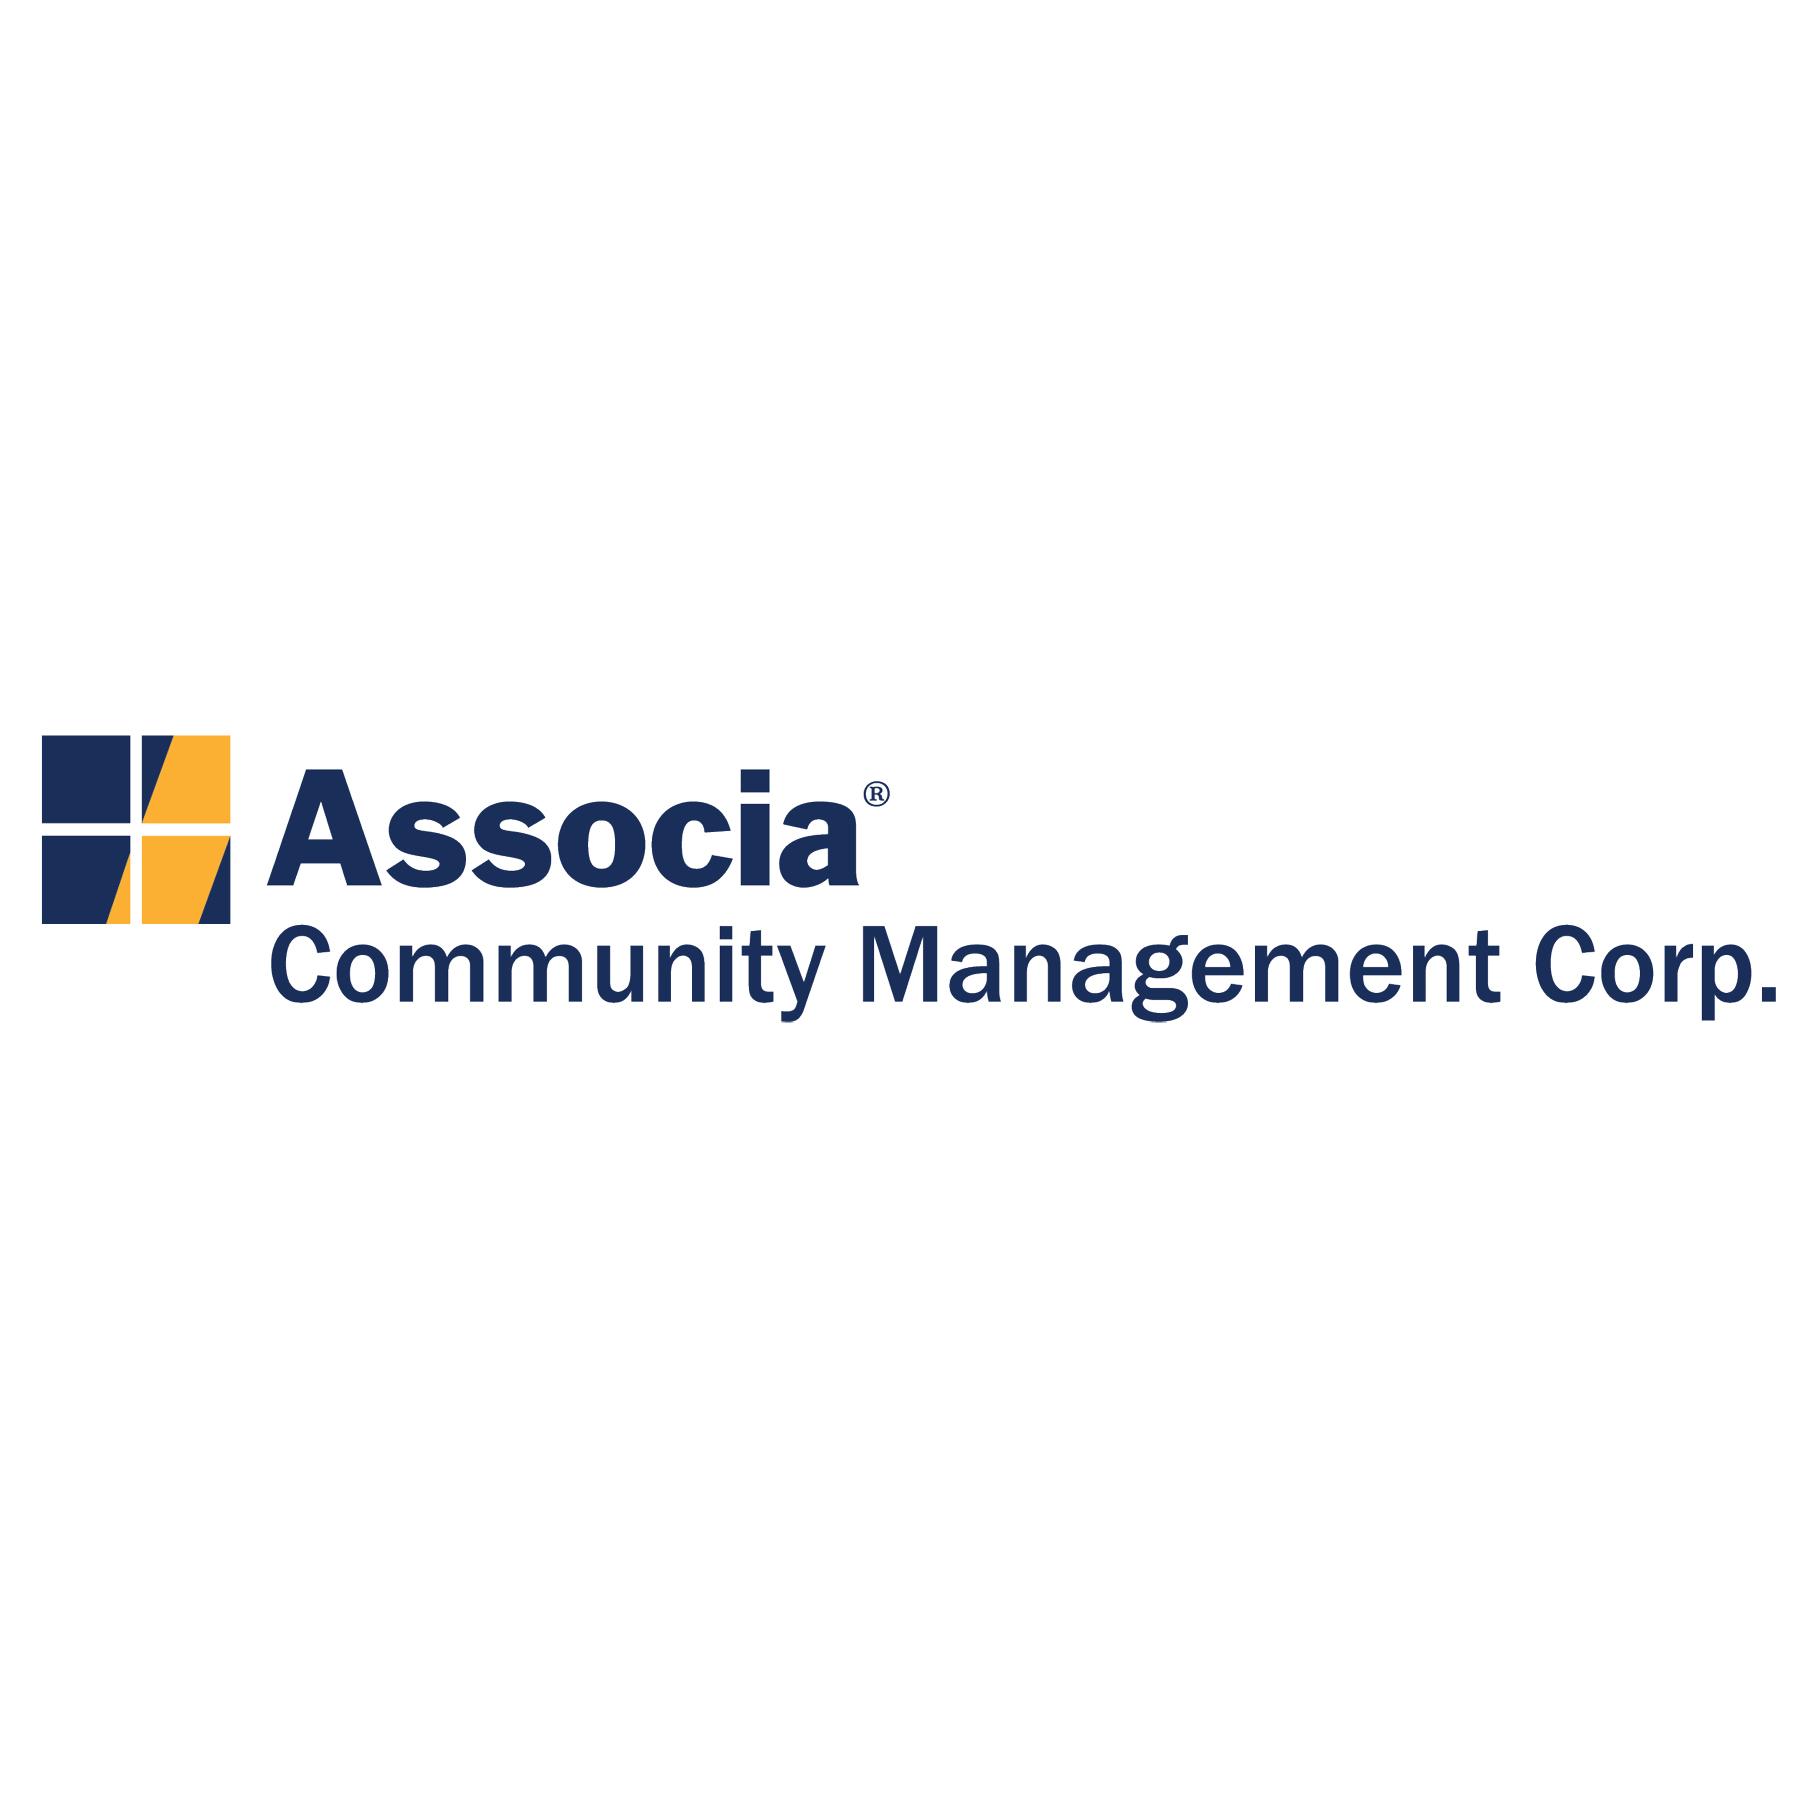 Associa CMC square